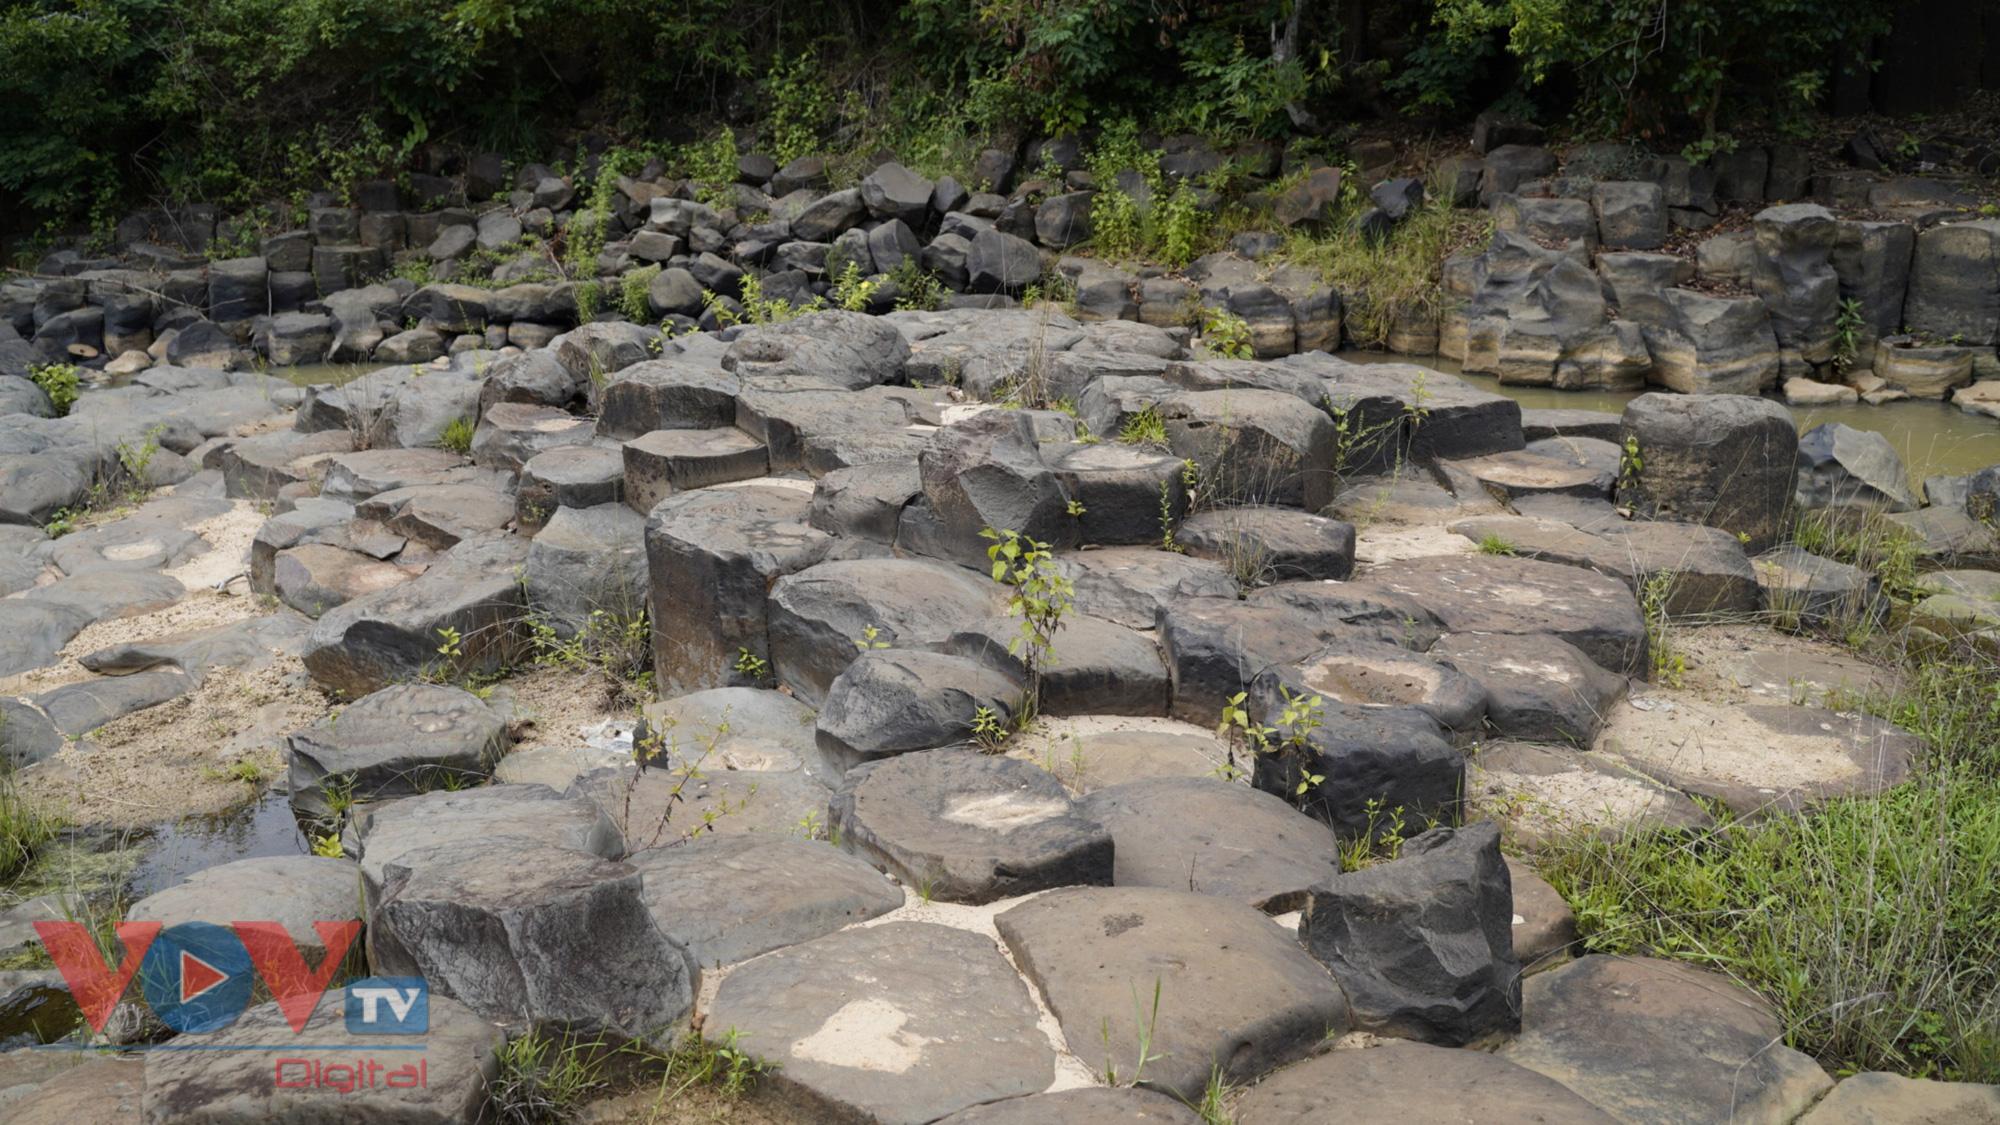 Gia Lai: Mê đắm vẻ đẹp hoang sơ của suối đá núi lửa Ia Ruai - Ảnh 5.